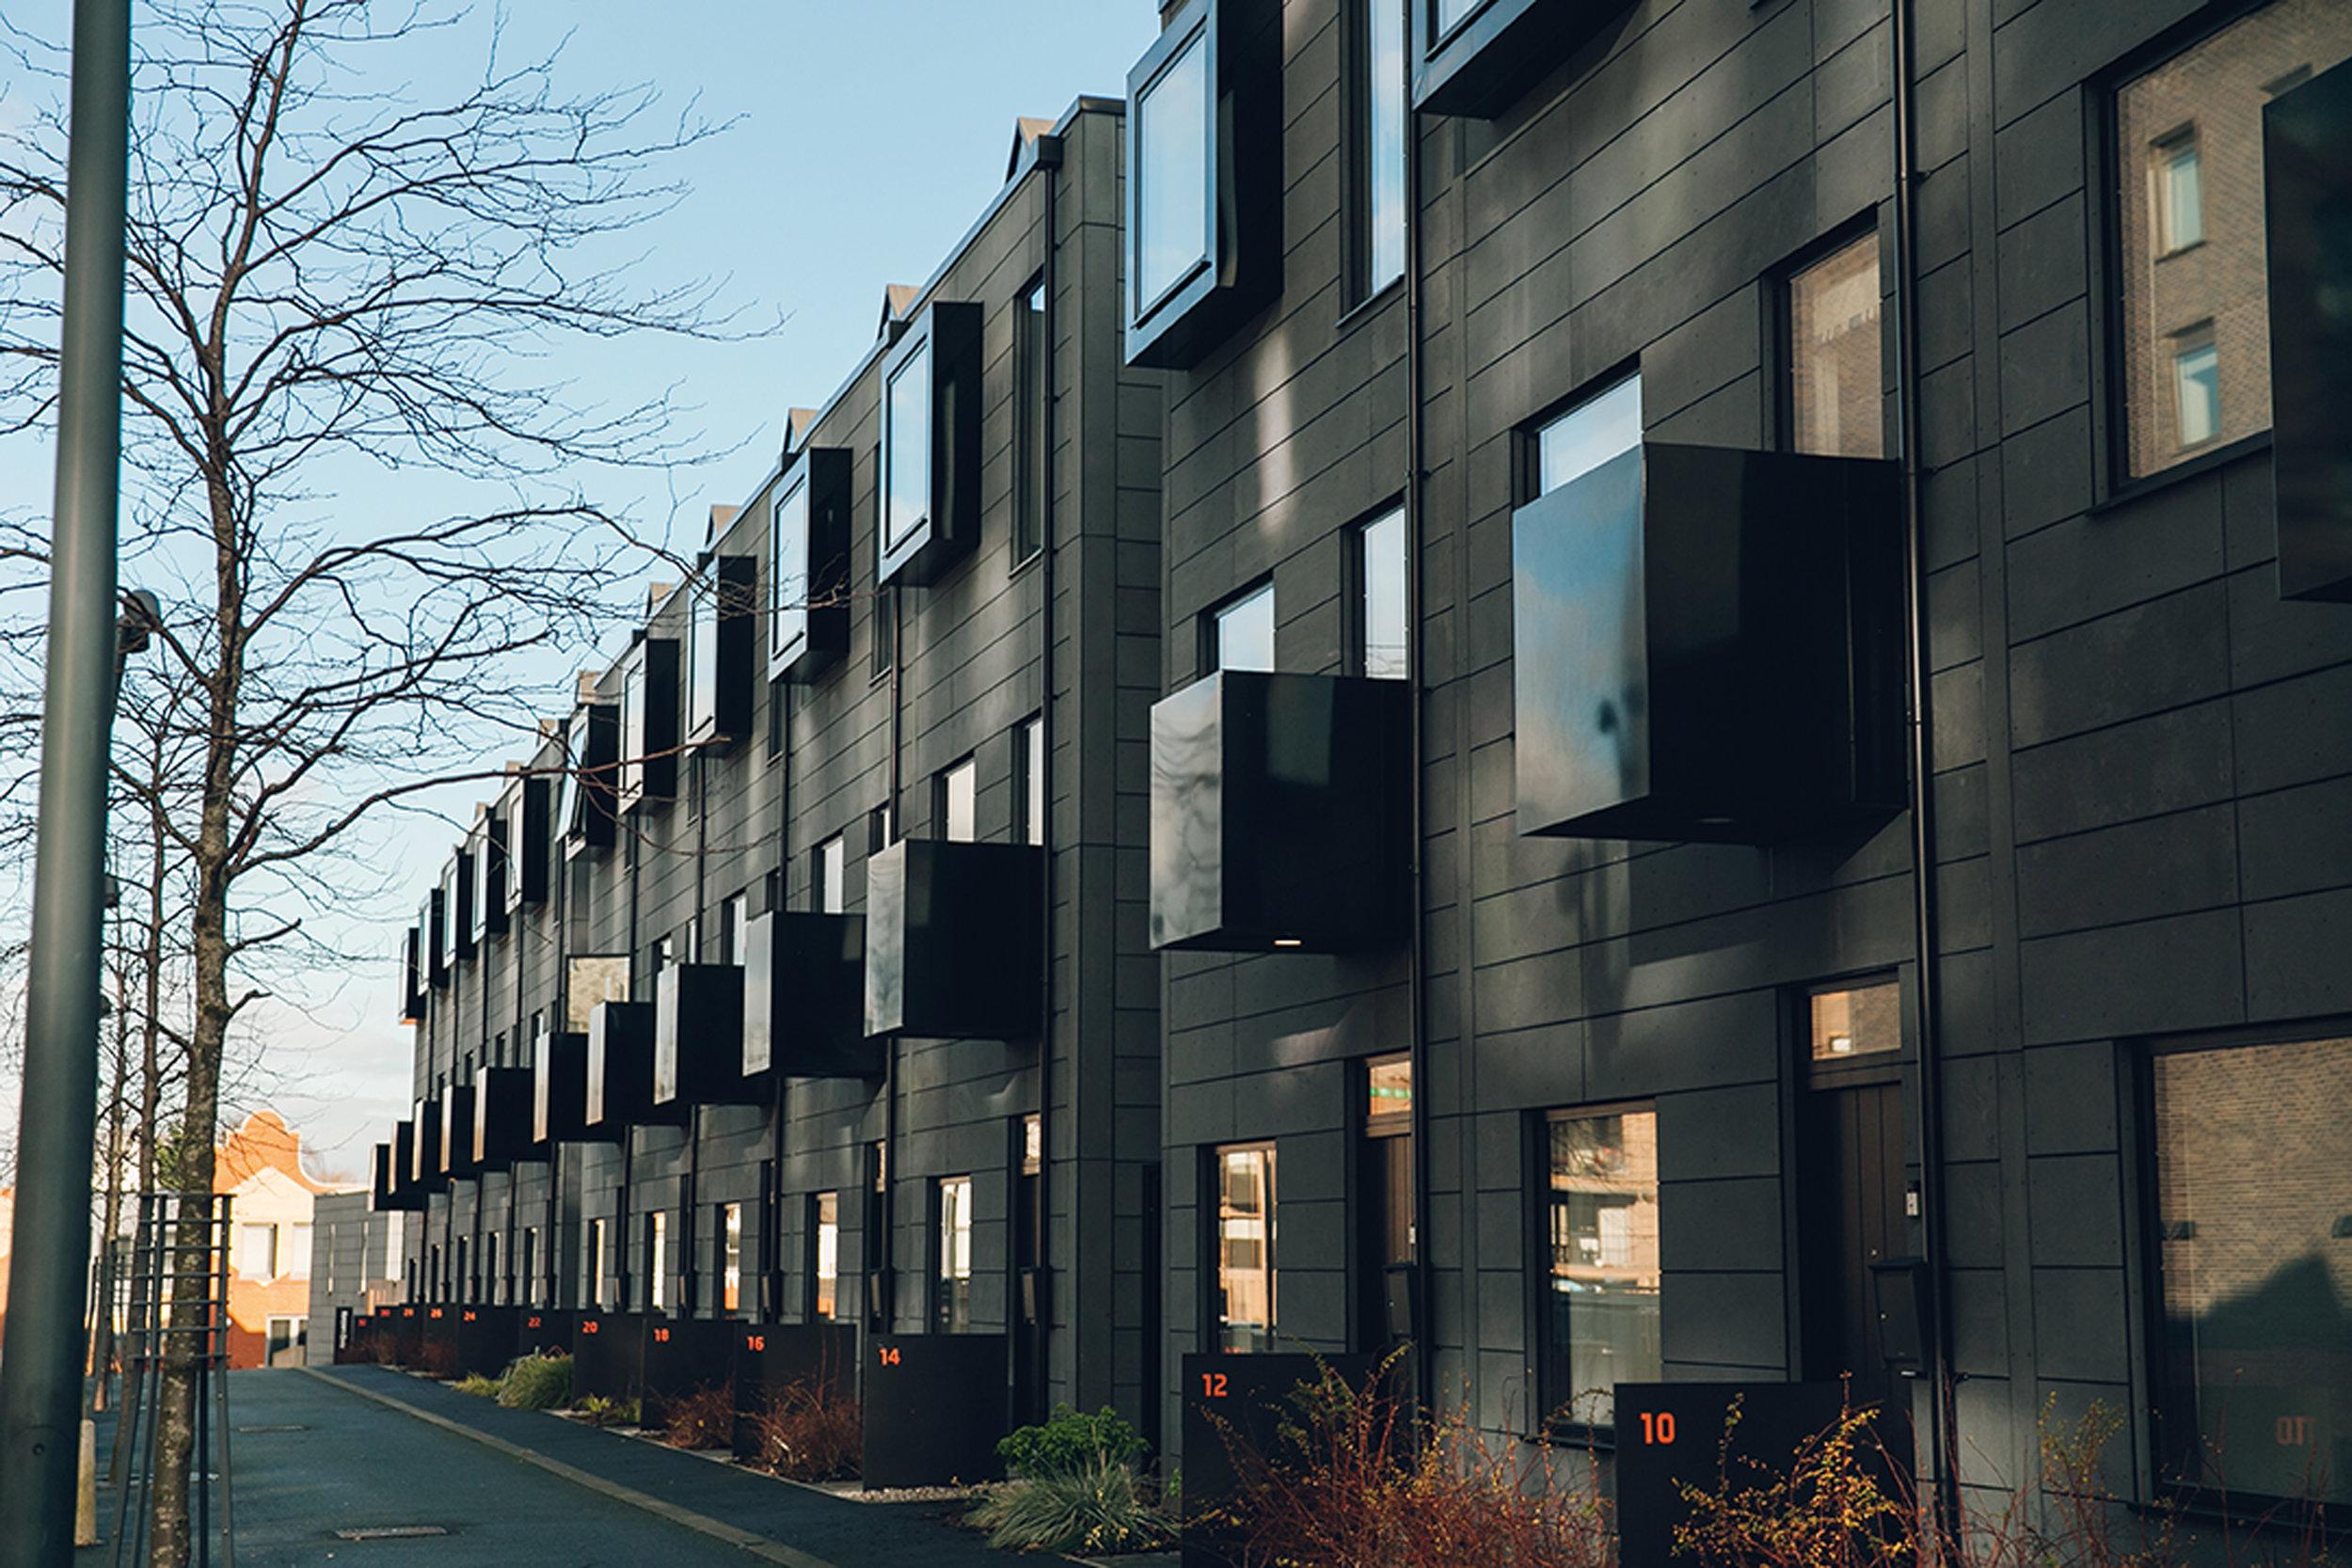 Urbansplash-House-HR-349.jpg